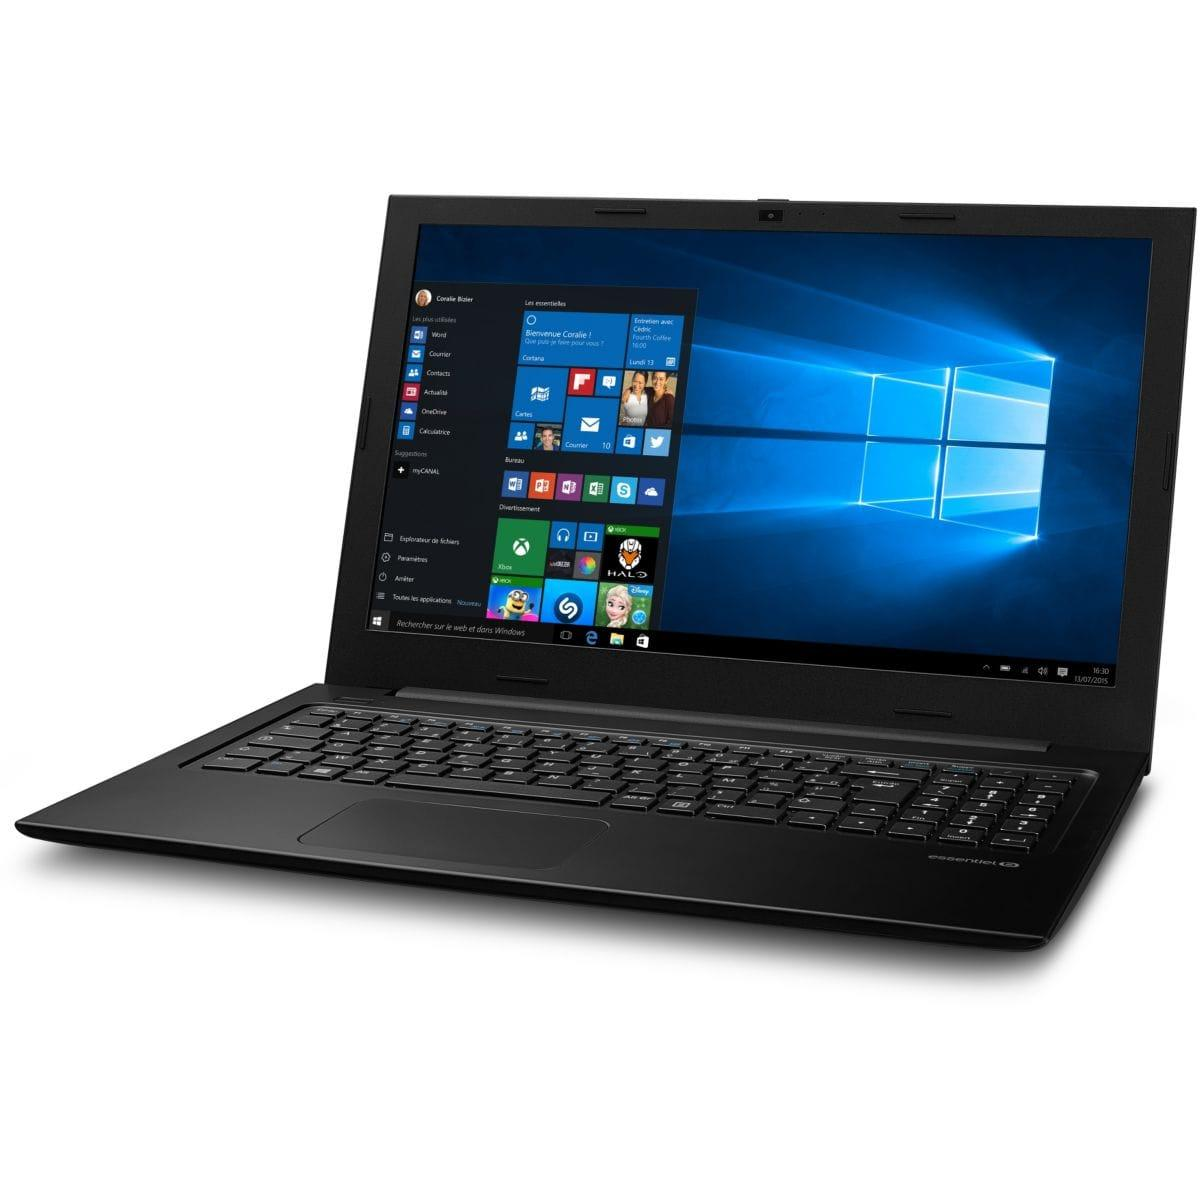 Essentiel B Smart'Mouv 1513-1 - Pentium N3710 1,6 GHz - HDD + SSD 576 Go - RAM 4 Go - AZERTY